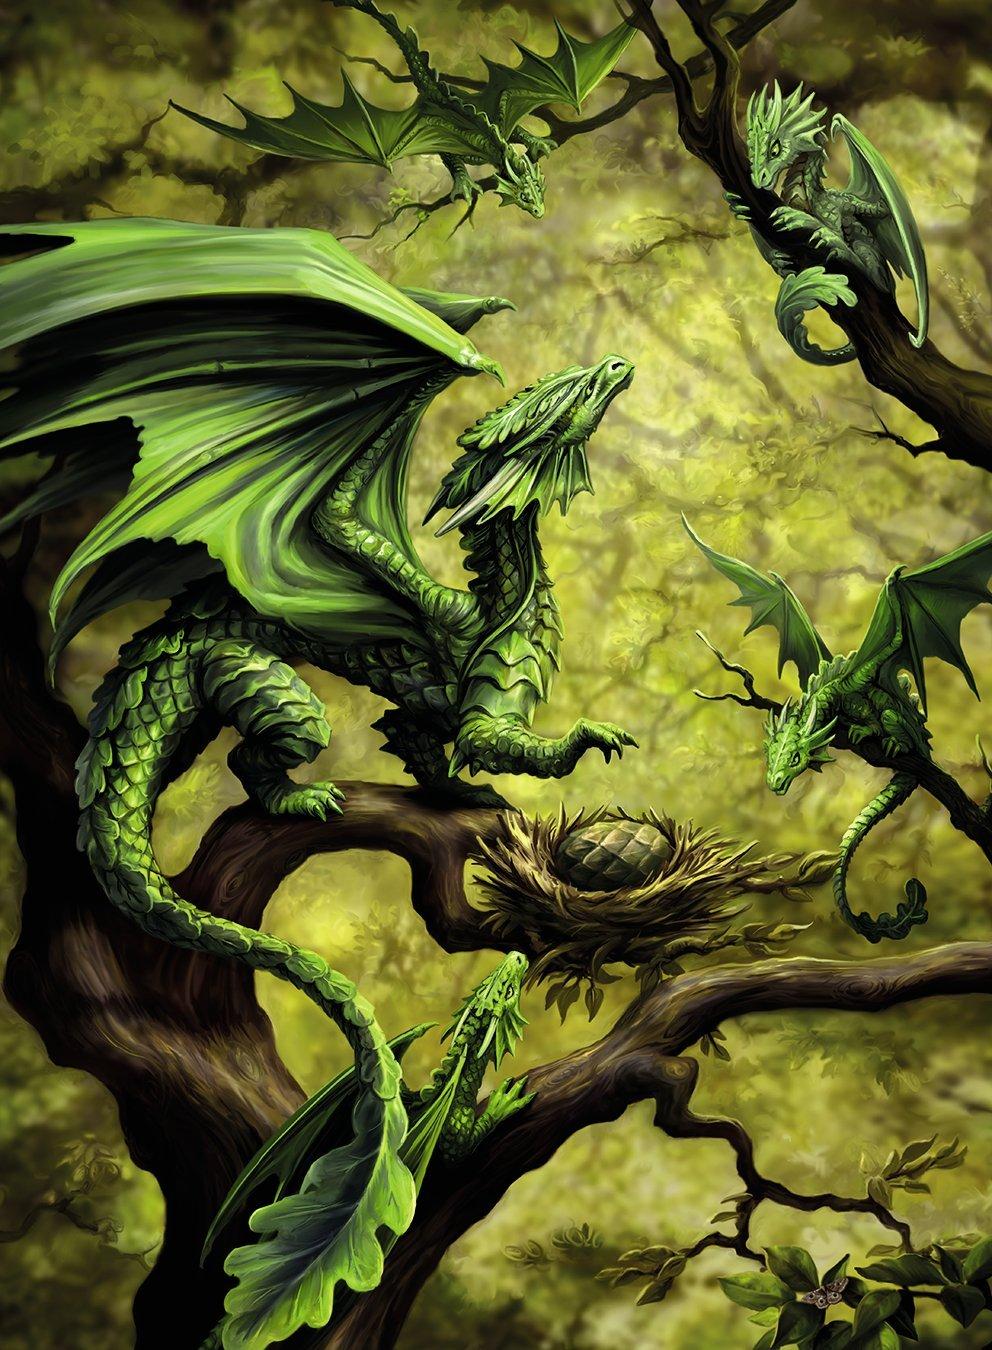 dragon-de-la-foret-par-anne-stokes